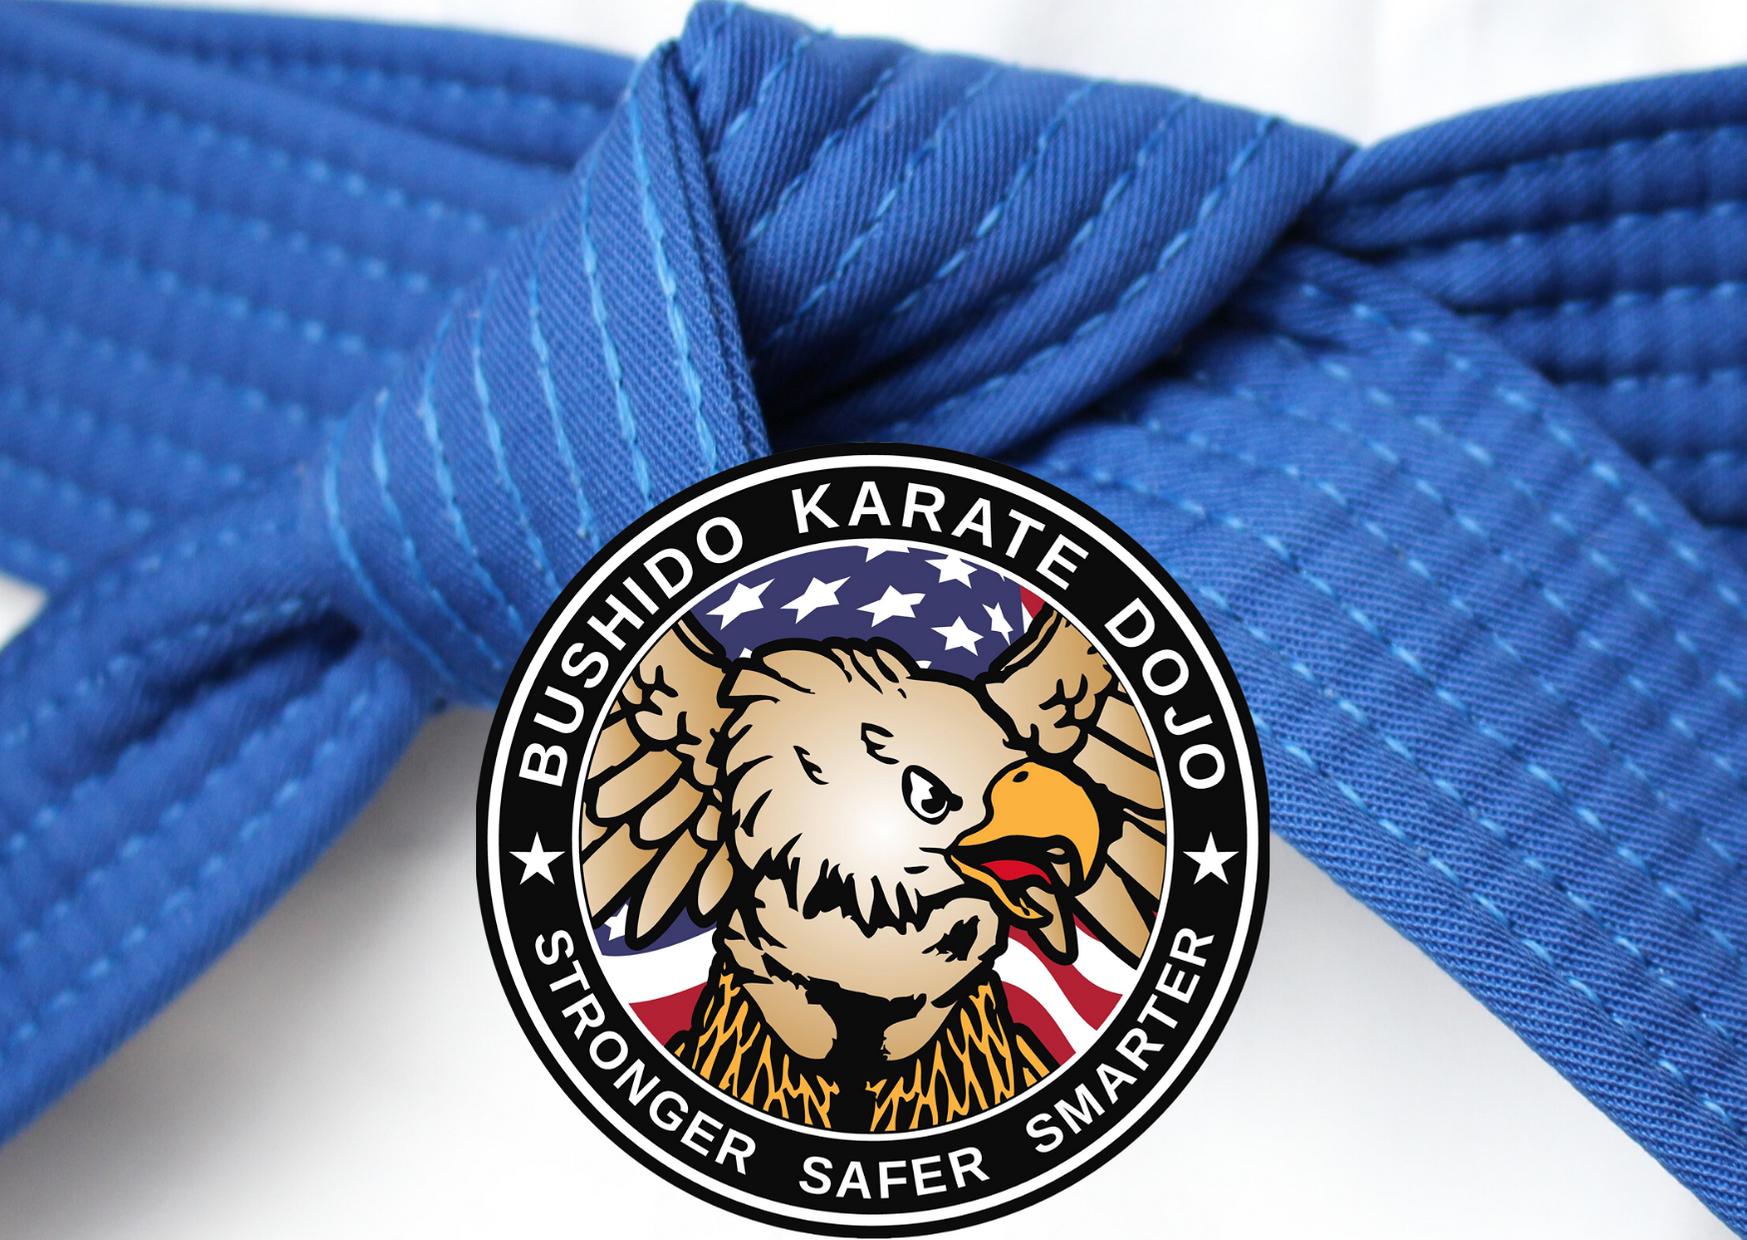 Bushido Karate Dojo: 3. Blue Belt